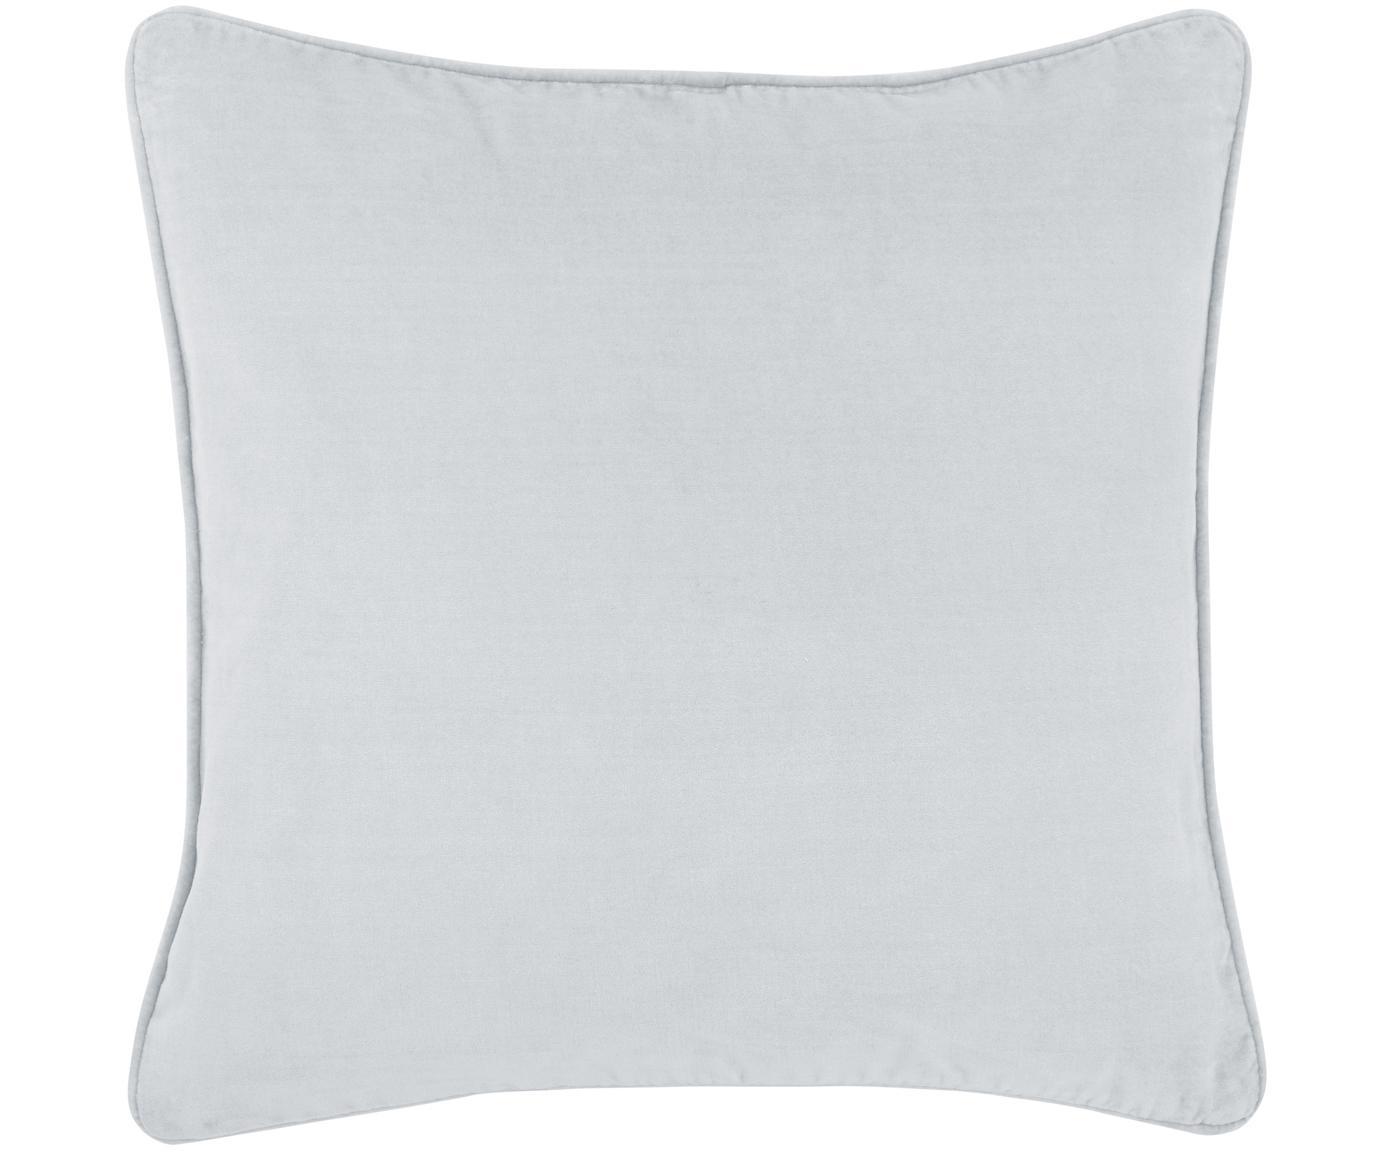 Federa arredo in velluto Dana, 100% velluto di cotone, Grigio chiaro, Larg. 40 x Lung. 40 cm